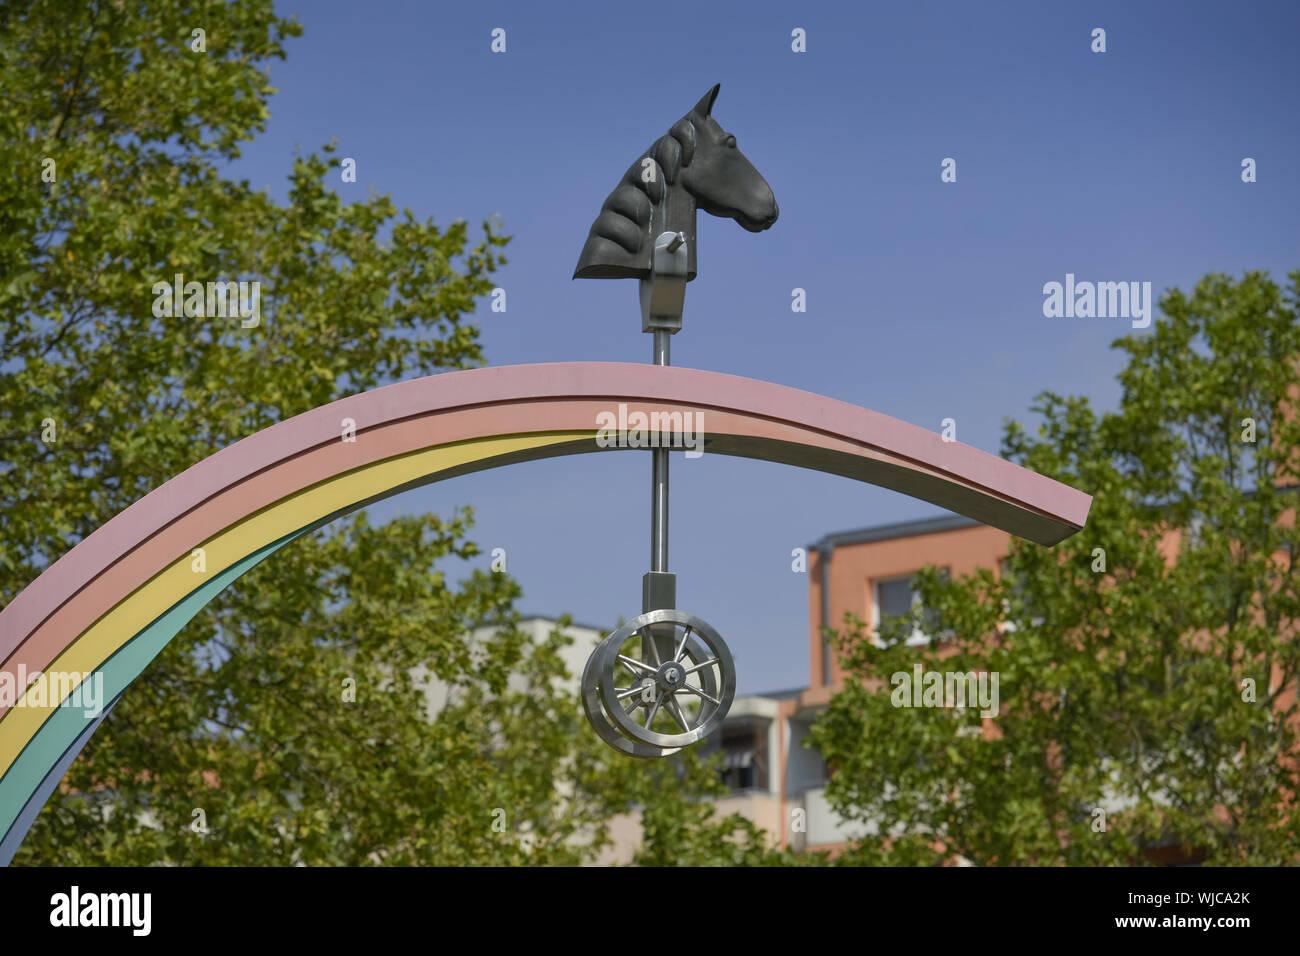 Ahrensfelde, Berlin, Germany, Havemannstrasse, Havemannstrasse, cent village, Hellersdorfer, art, piece of art, Marzahn, Marzahner, Marzahn-cent villa Stock Photo